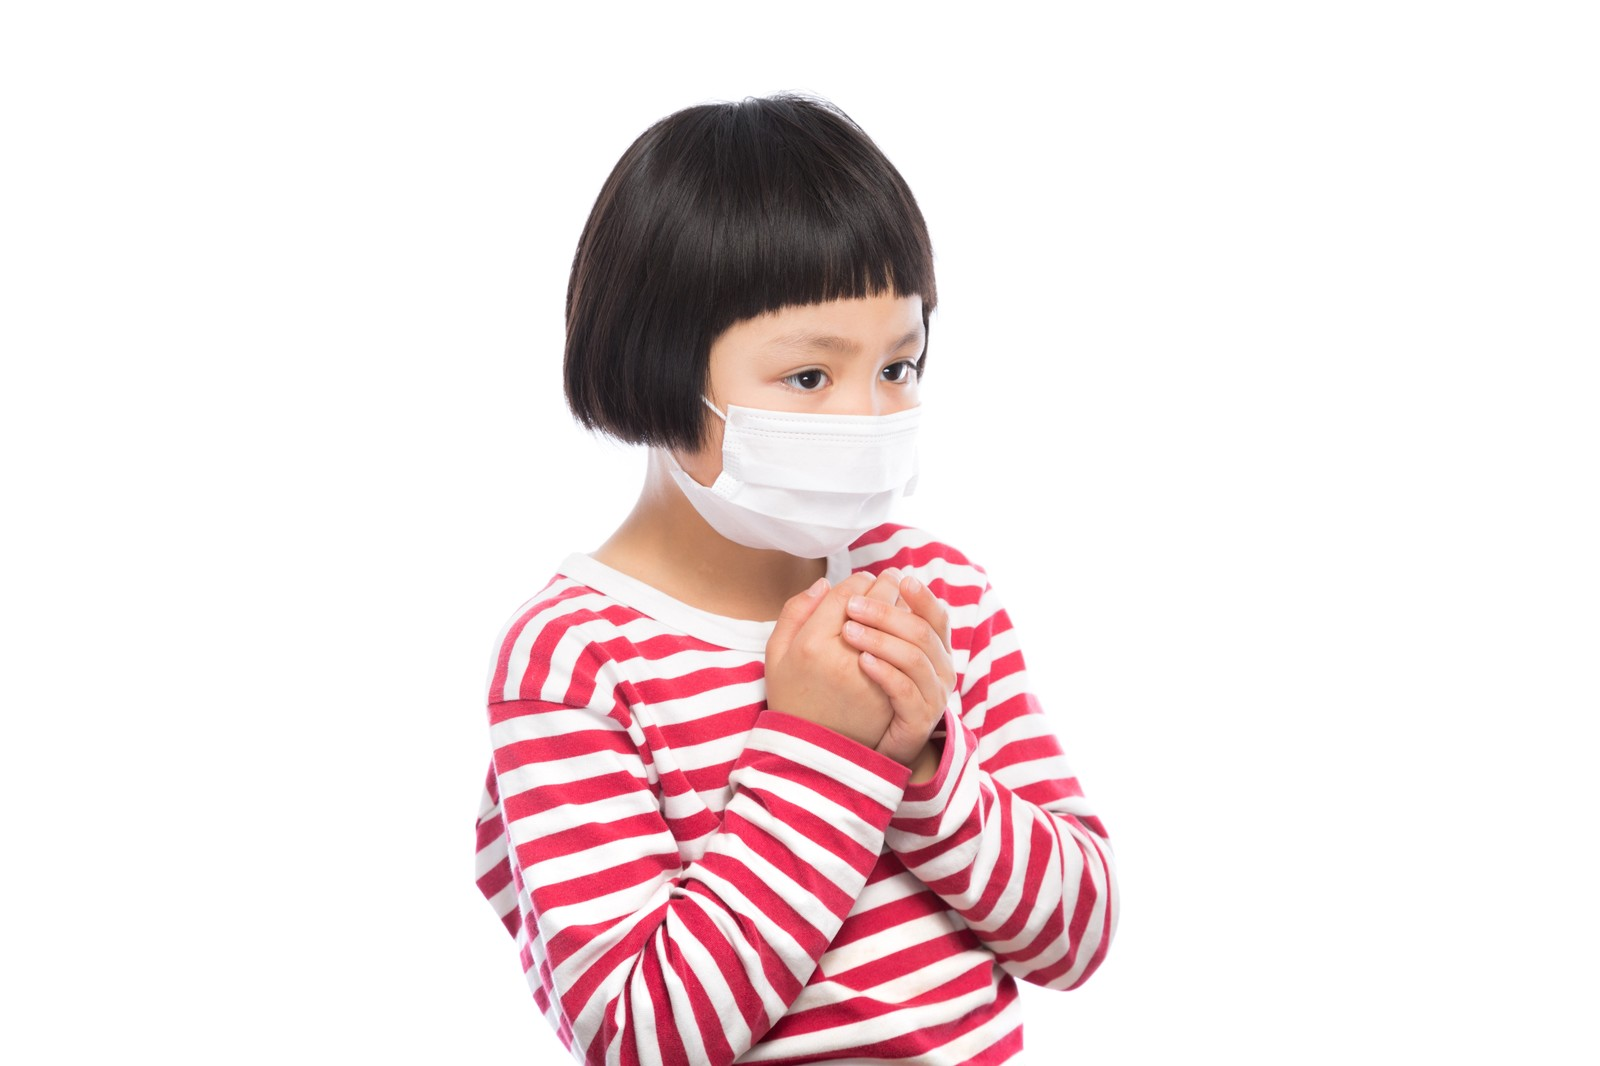 子供は咳が出やすいの?咳が出ている時に和らげるホームケア!